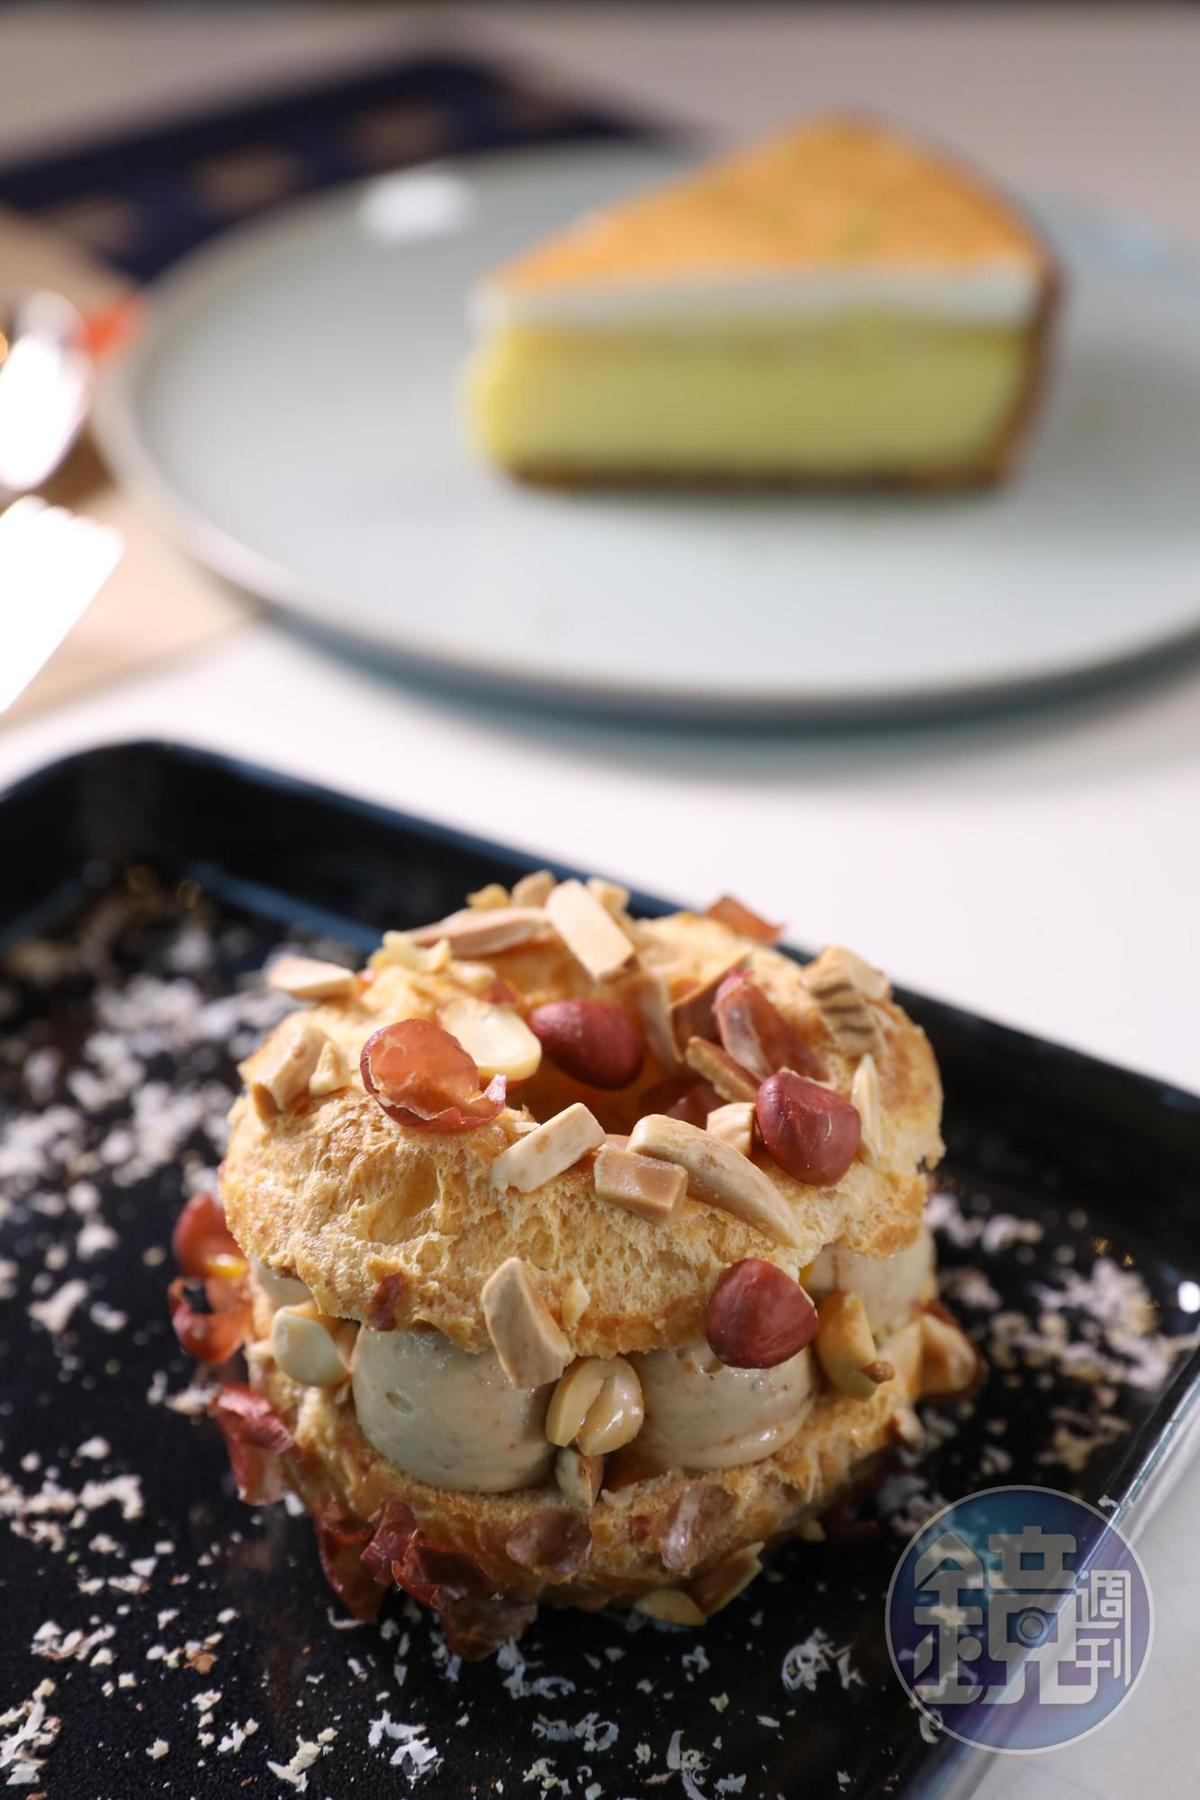 名為「巴黎-澳門」的甜點,其實是有百年歷史的法式甜點Paris Brest,但主廚調整了配方,以花生奶油取代杏仁奶油,向澳門致意。(澳門幣98元/份,約NT$375)